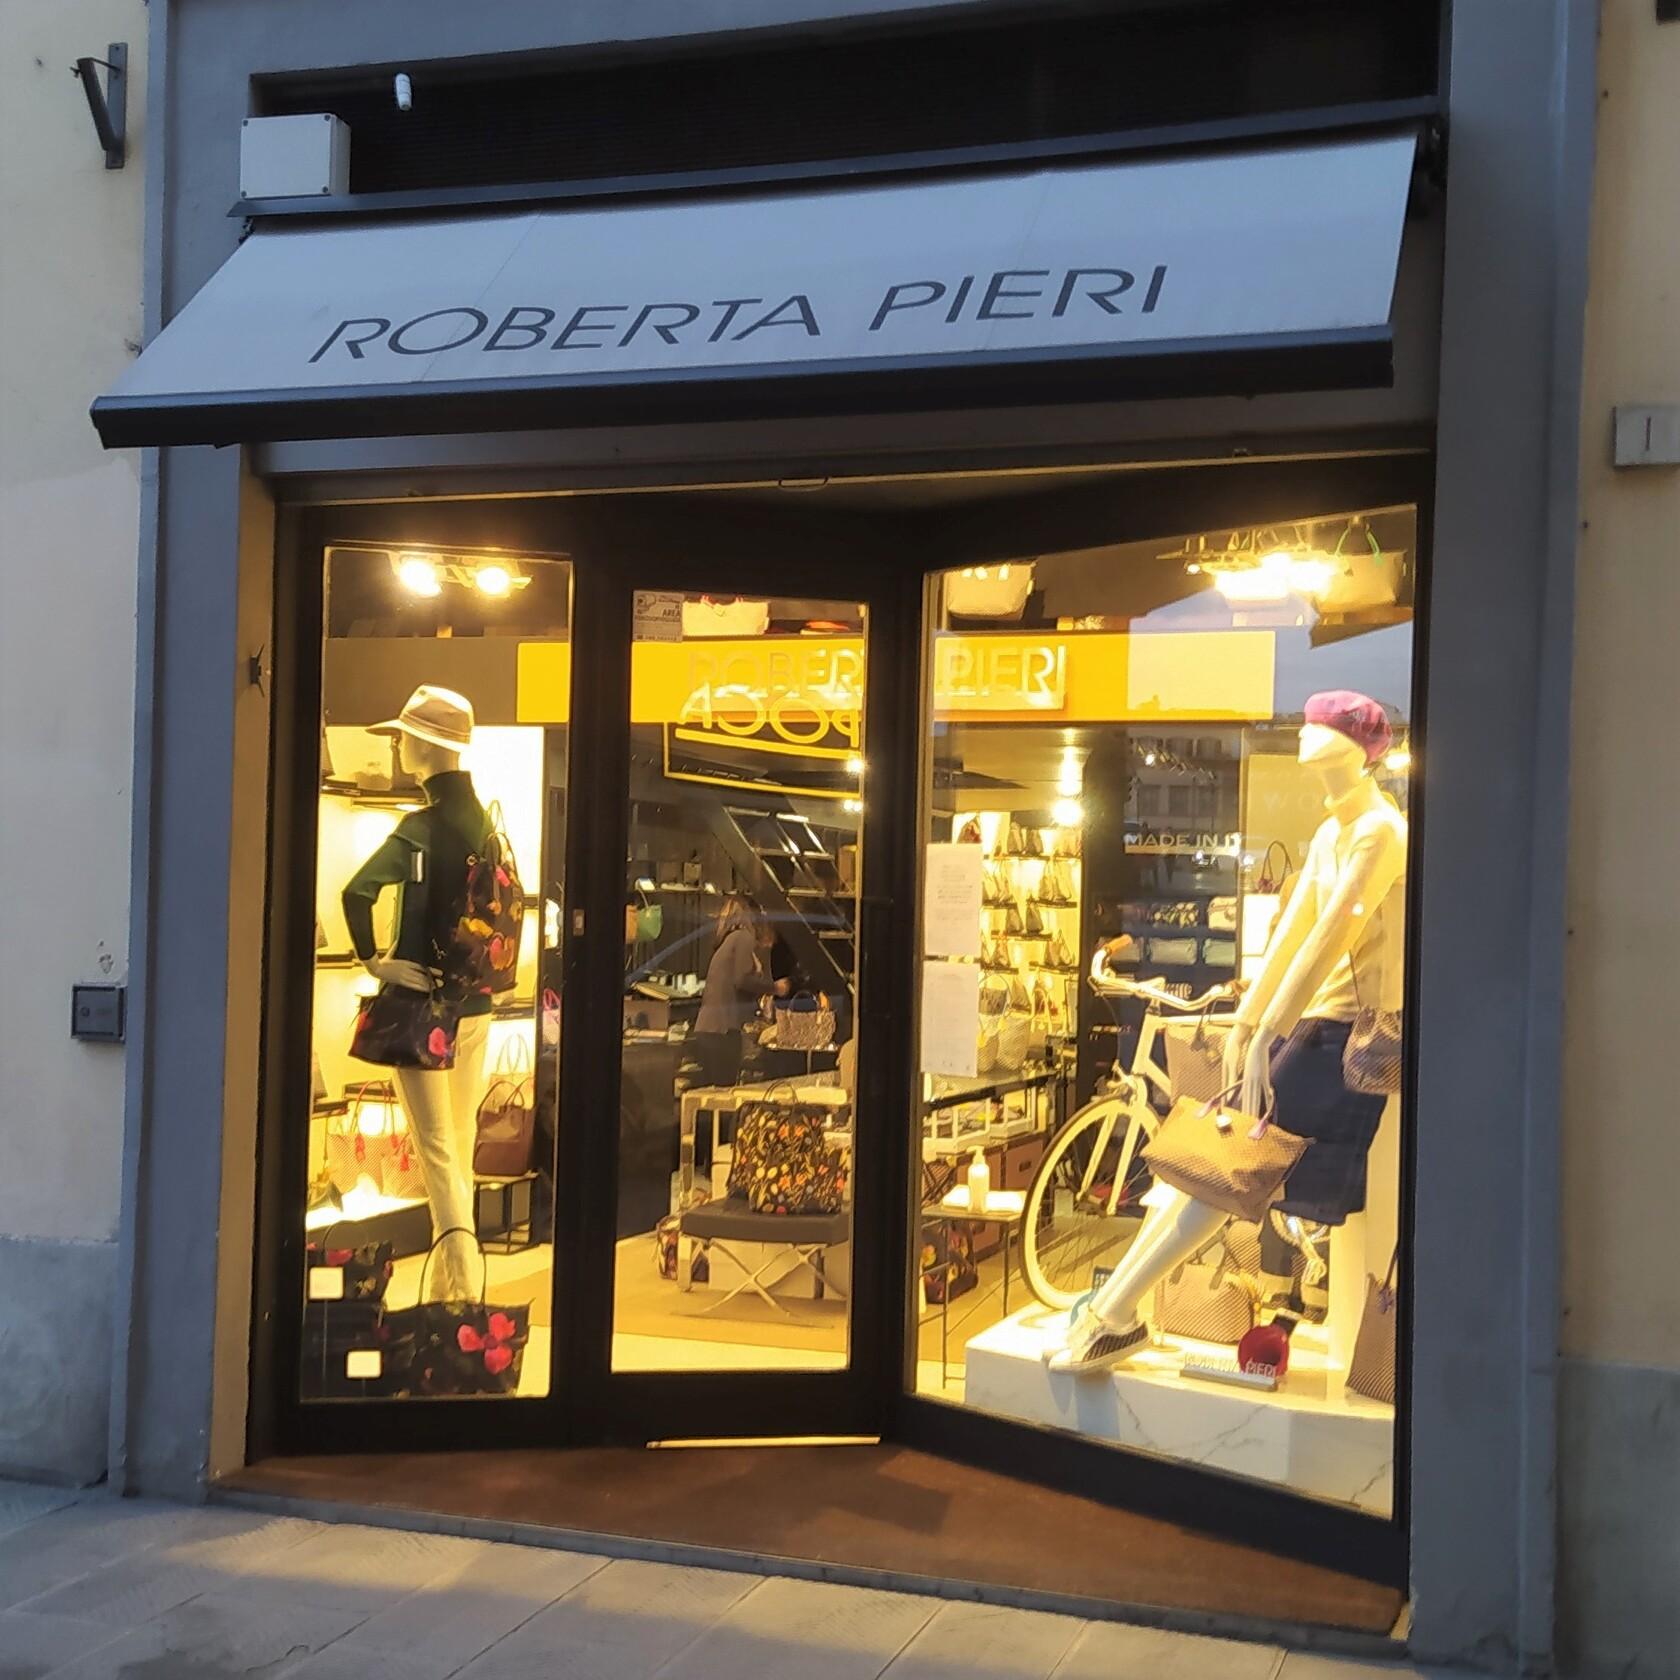 センティエロ / ロベルタピエリ | フィレンツェ在住イタリアたびさんのおすすめショッピング・買物スポット